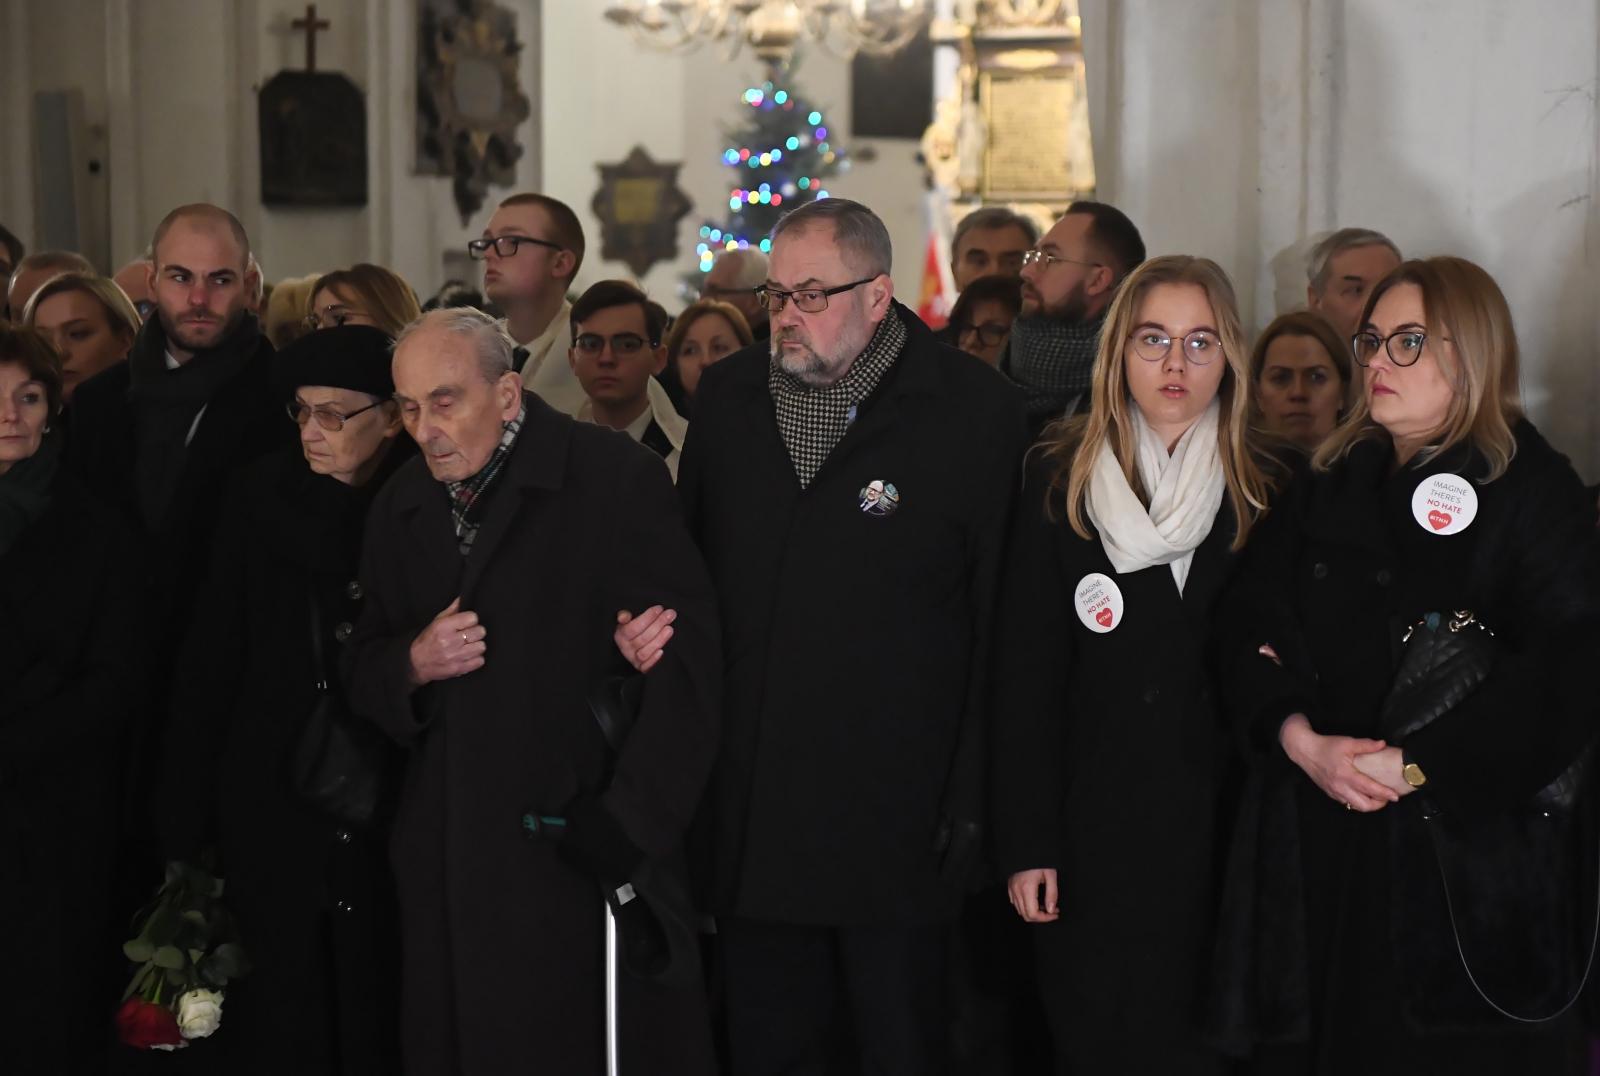 Msza św. w intencji zmarłego prezydenta Adamowicza fot. PAP/Marcin Gadomski